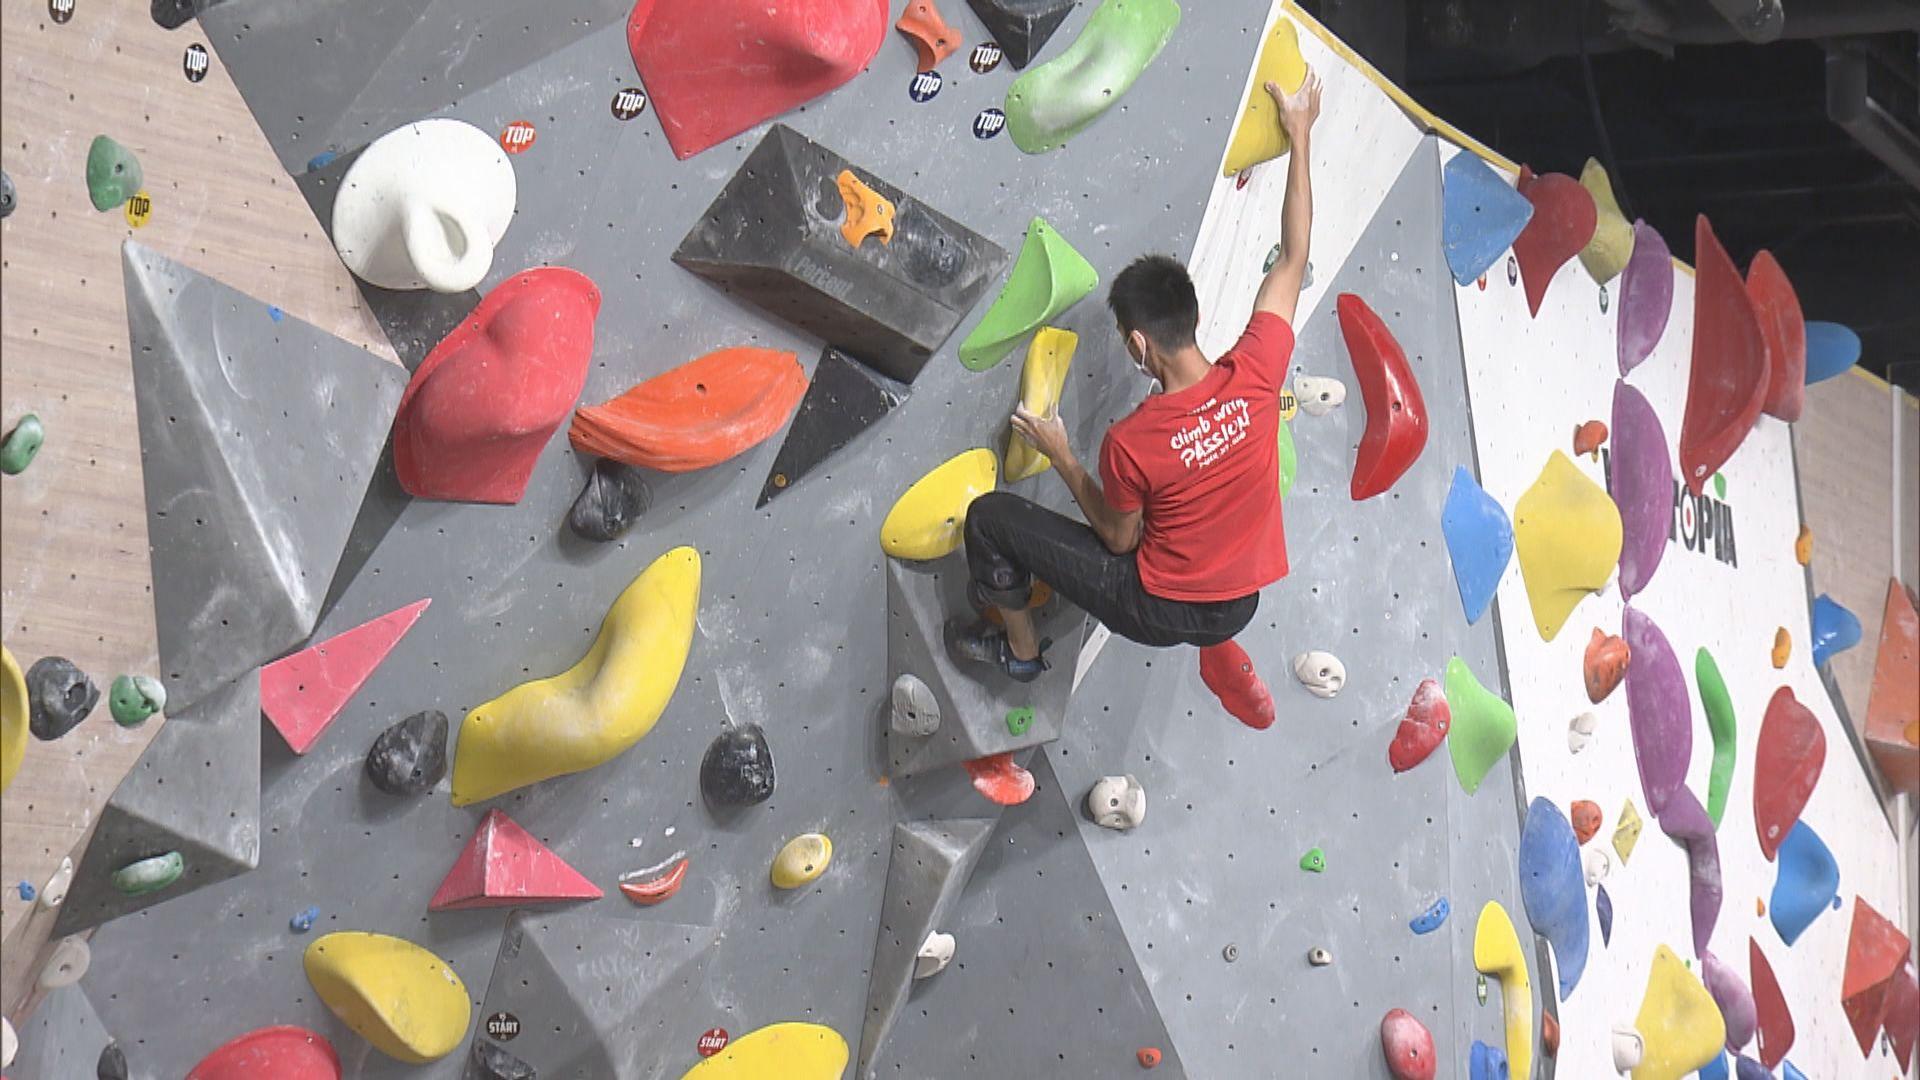 室內攀石中心加強防疫措施 準備重開